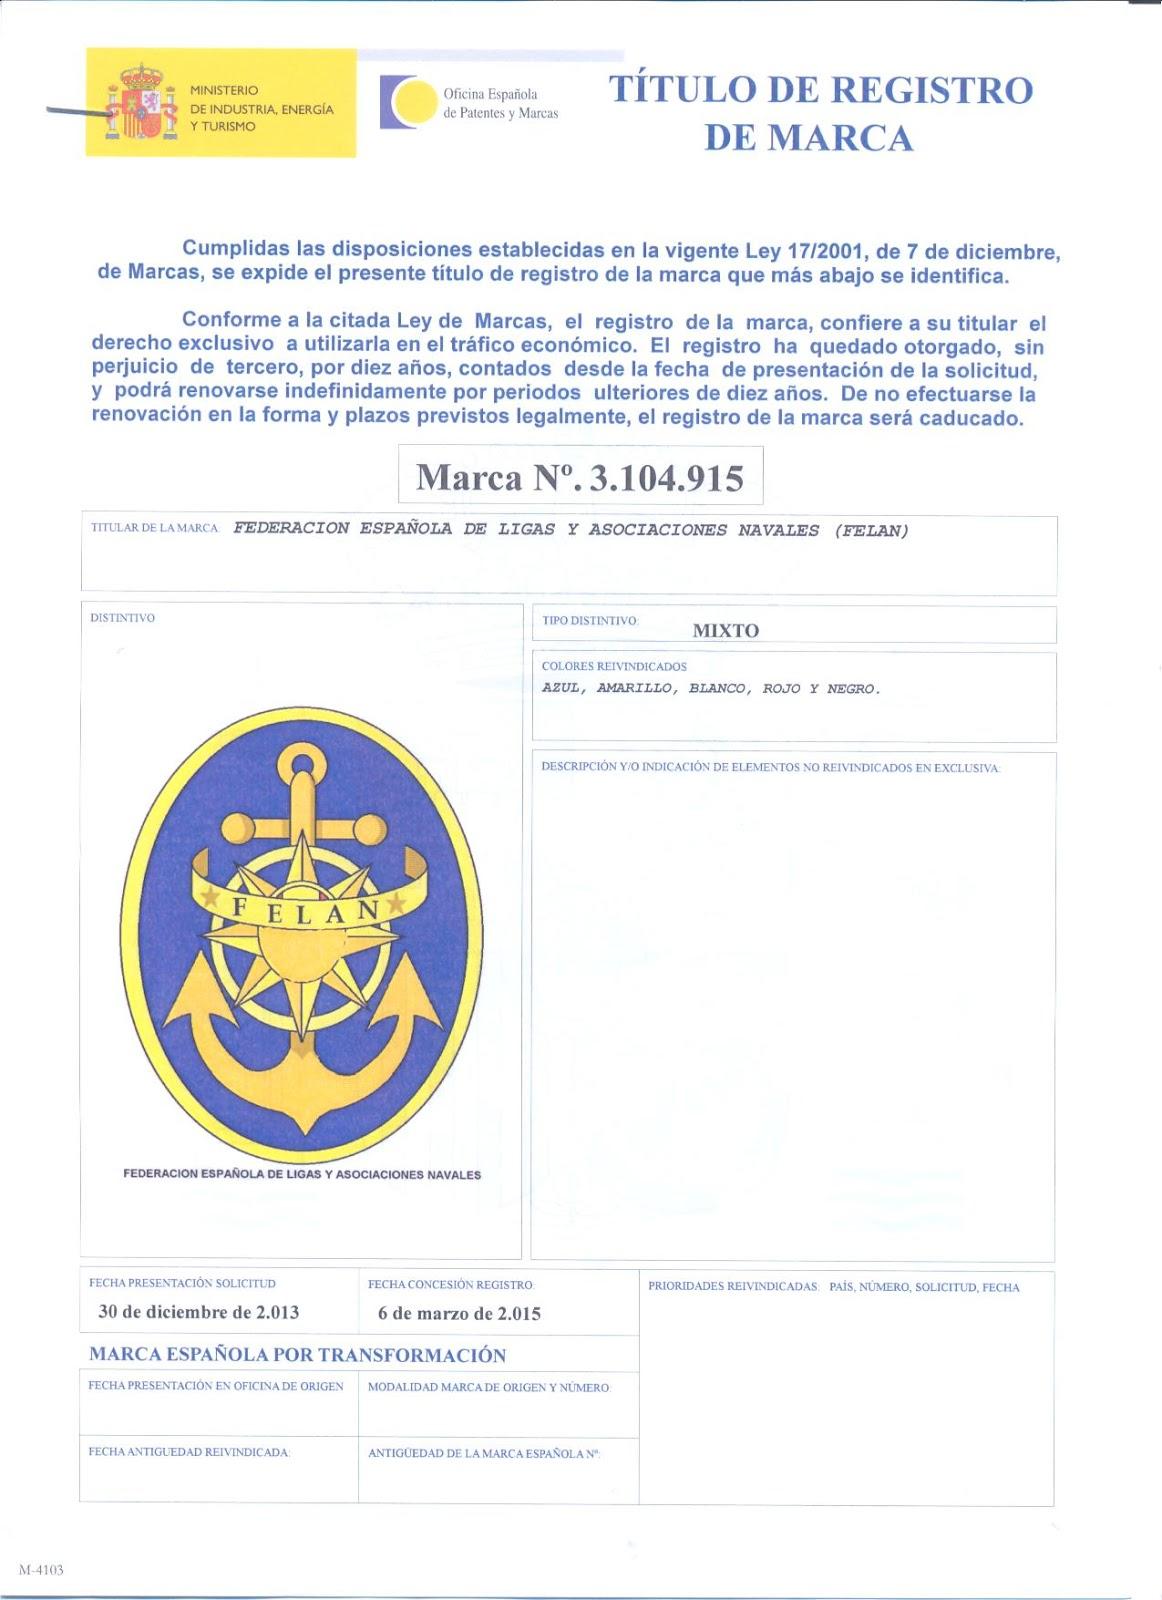 Asociacion federaci n espa ola de ligas y asociaciones for Registro ministerio del interior